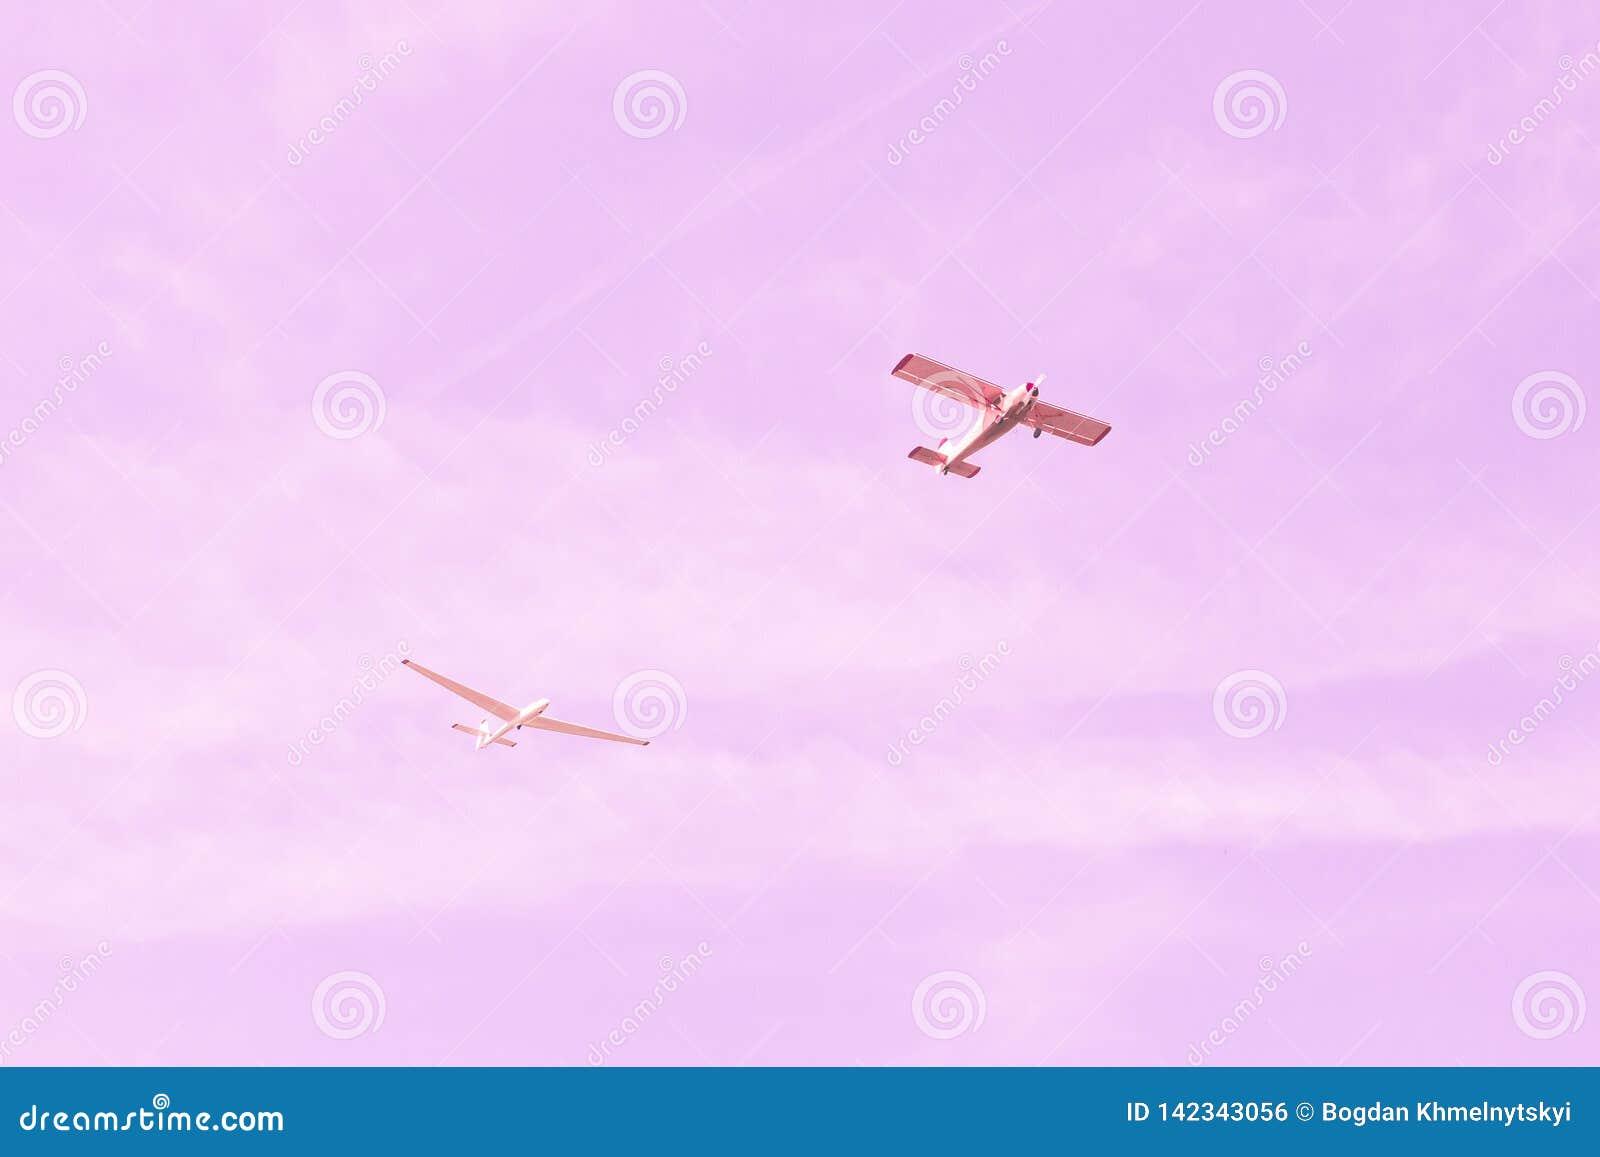 Pequeños viejos avión del vintage y vuelo monomotores contra el cielo rosado, concepto del planeador de trabajo en equipo, sueño,